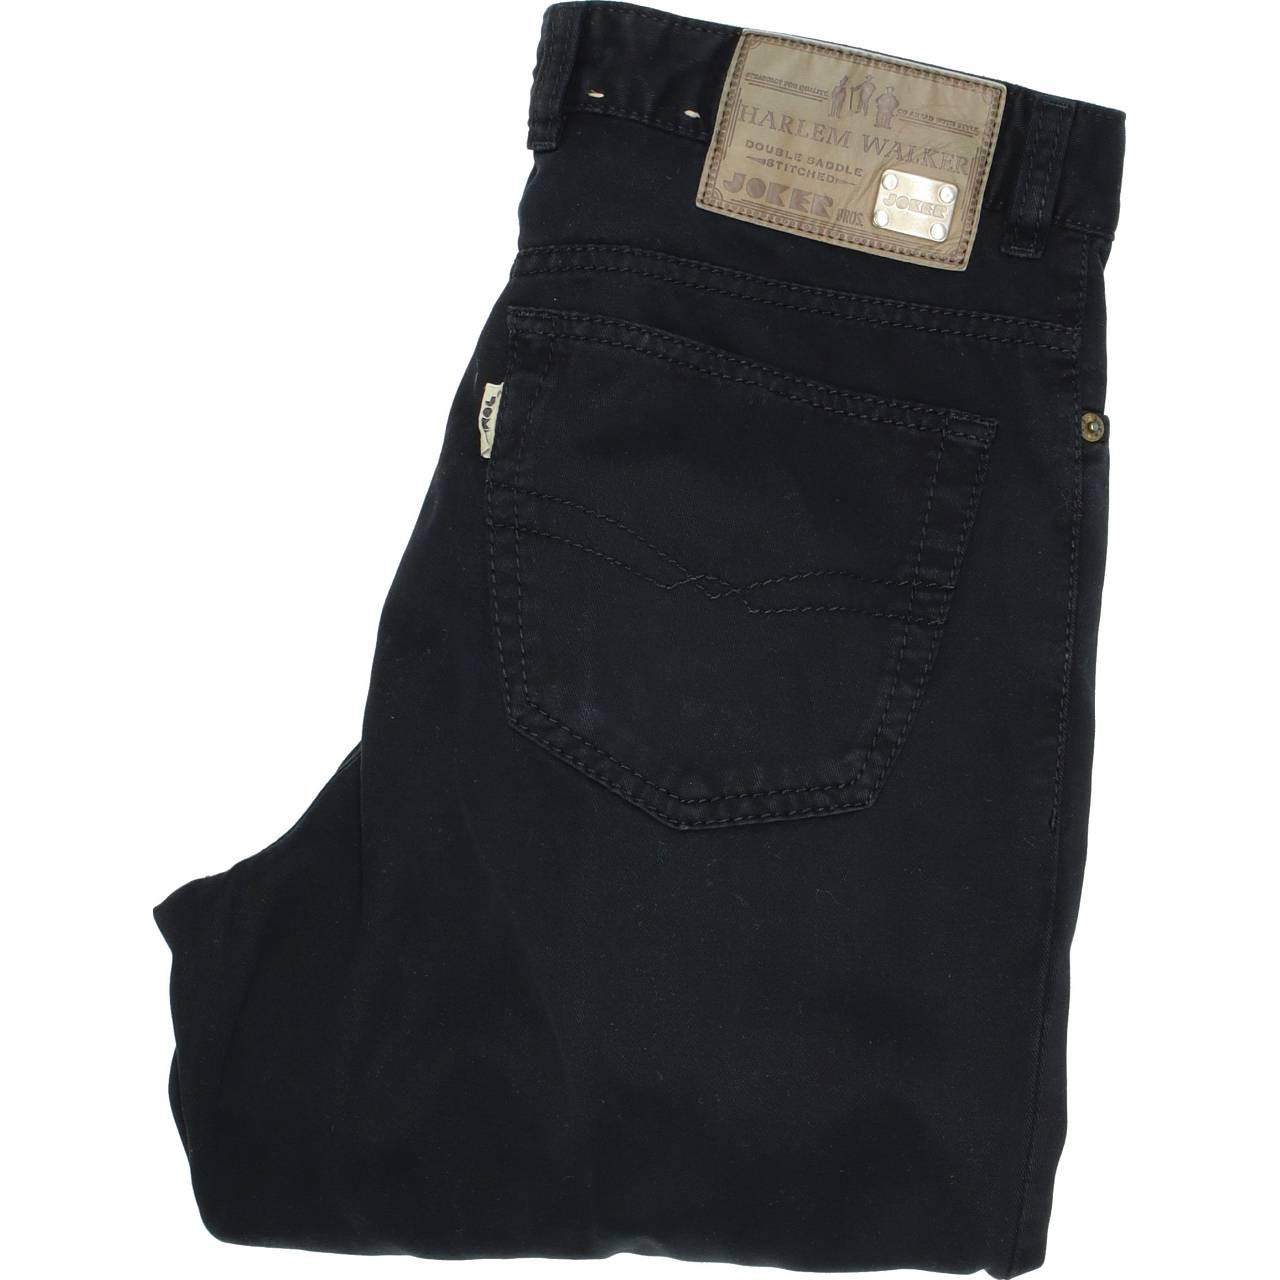 Vintage Beige JOKER Denim Jeans Size W 32 L 30